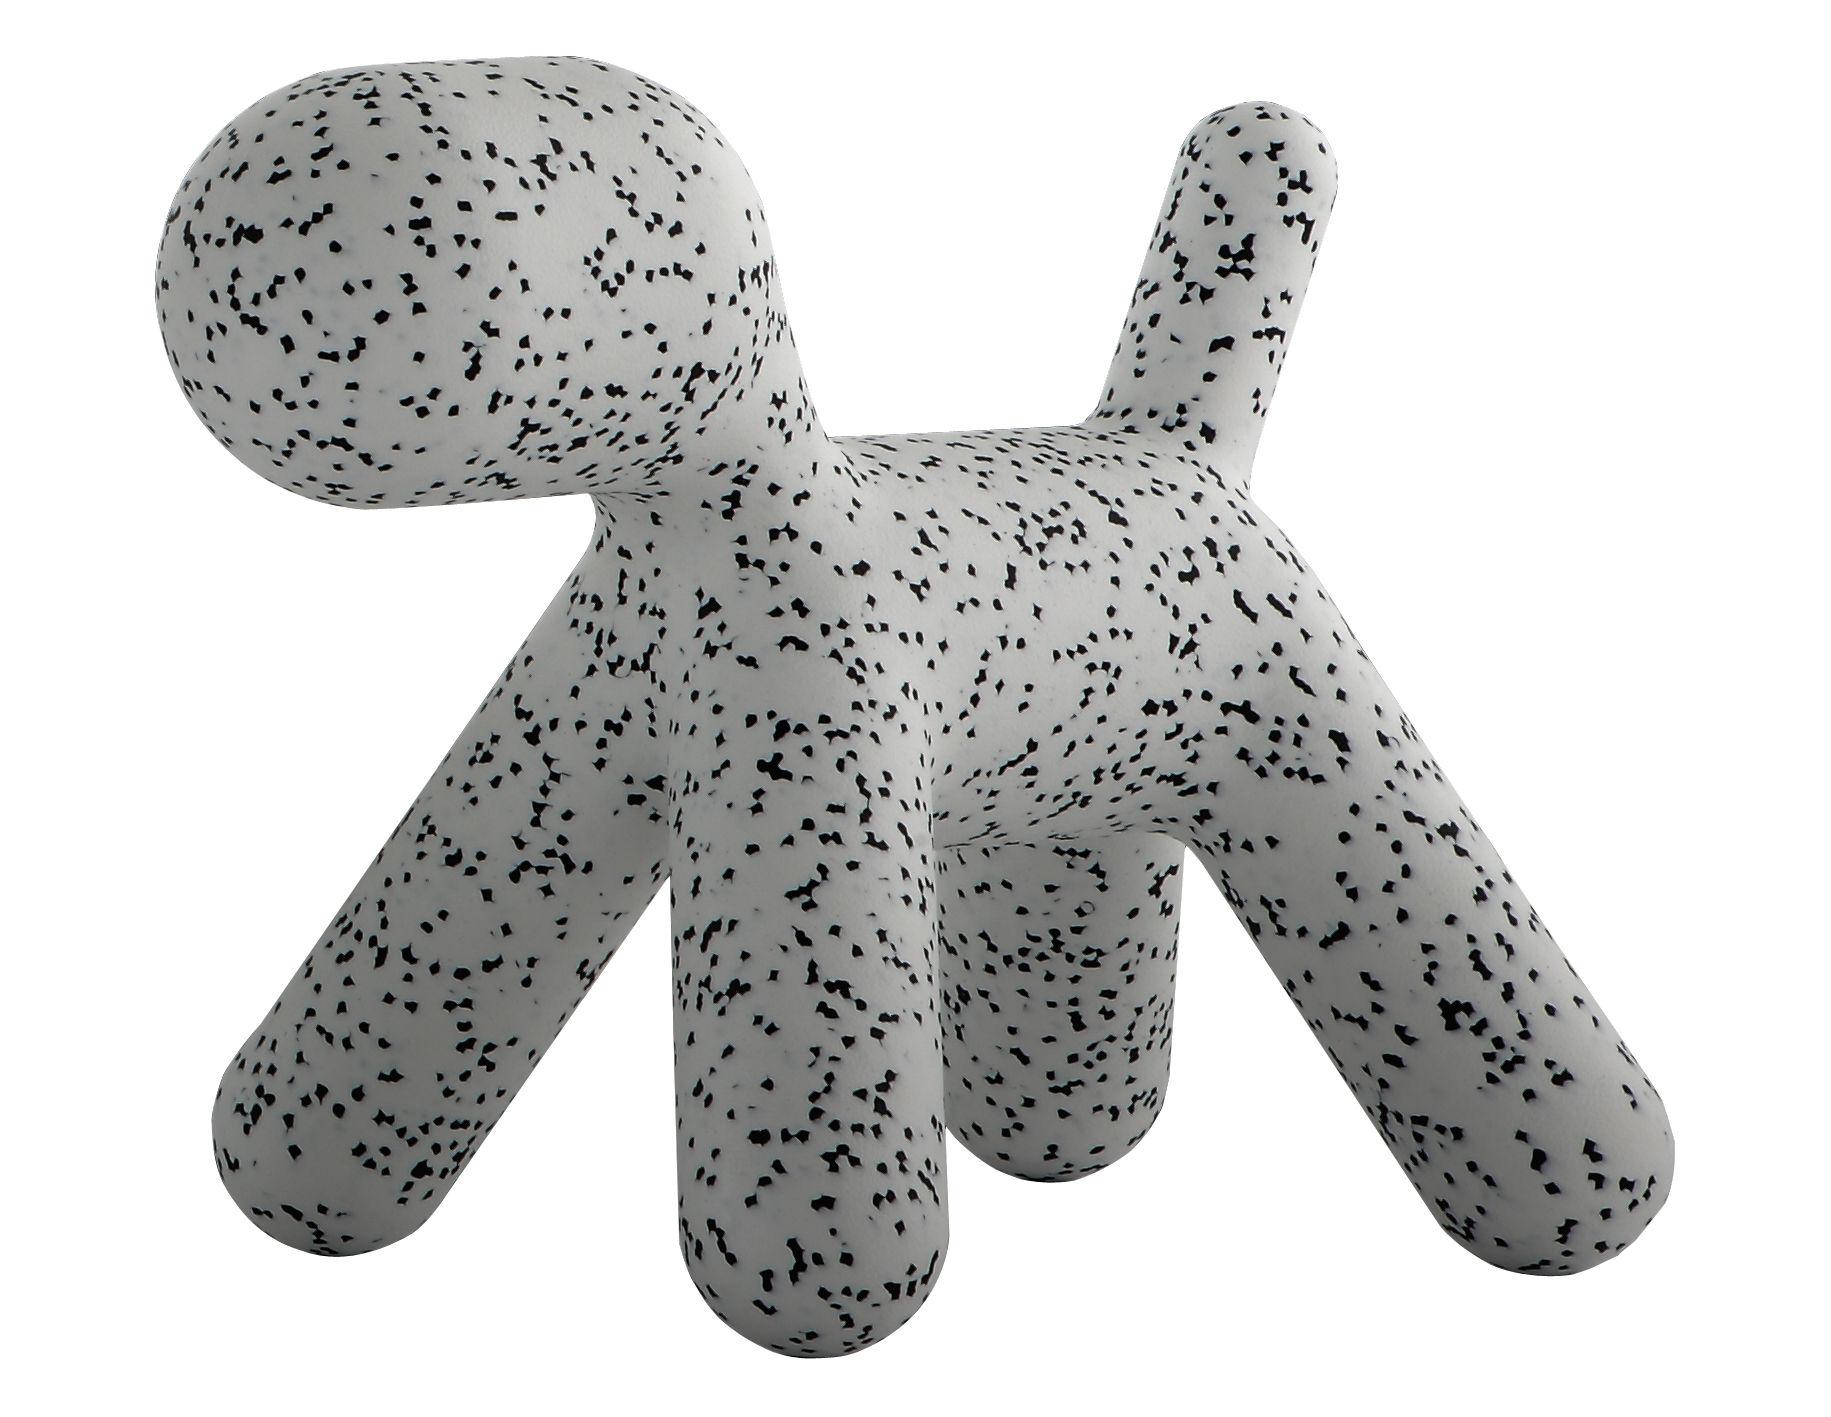 Mobilier - Mobilier Kids - Chaise enfant Puppy Dalmatien / Medium - L 56 cm - Magis Collection Me Too - Blanc / moucheté noir - Polyéthylène